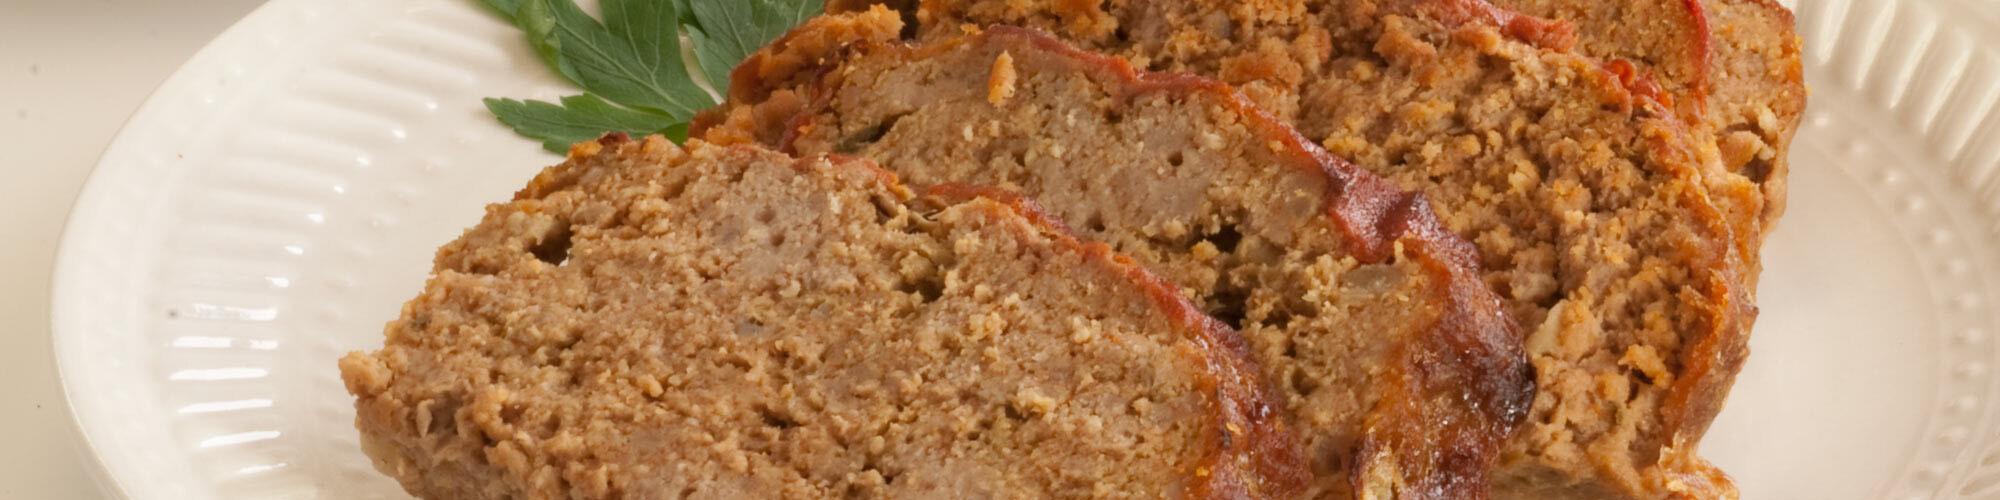 Italian Meatloaf Recipe